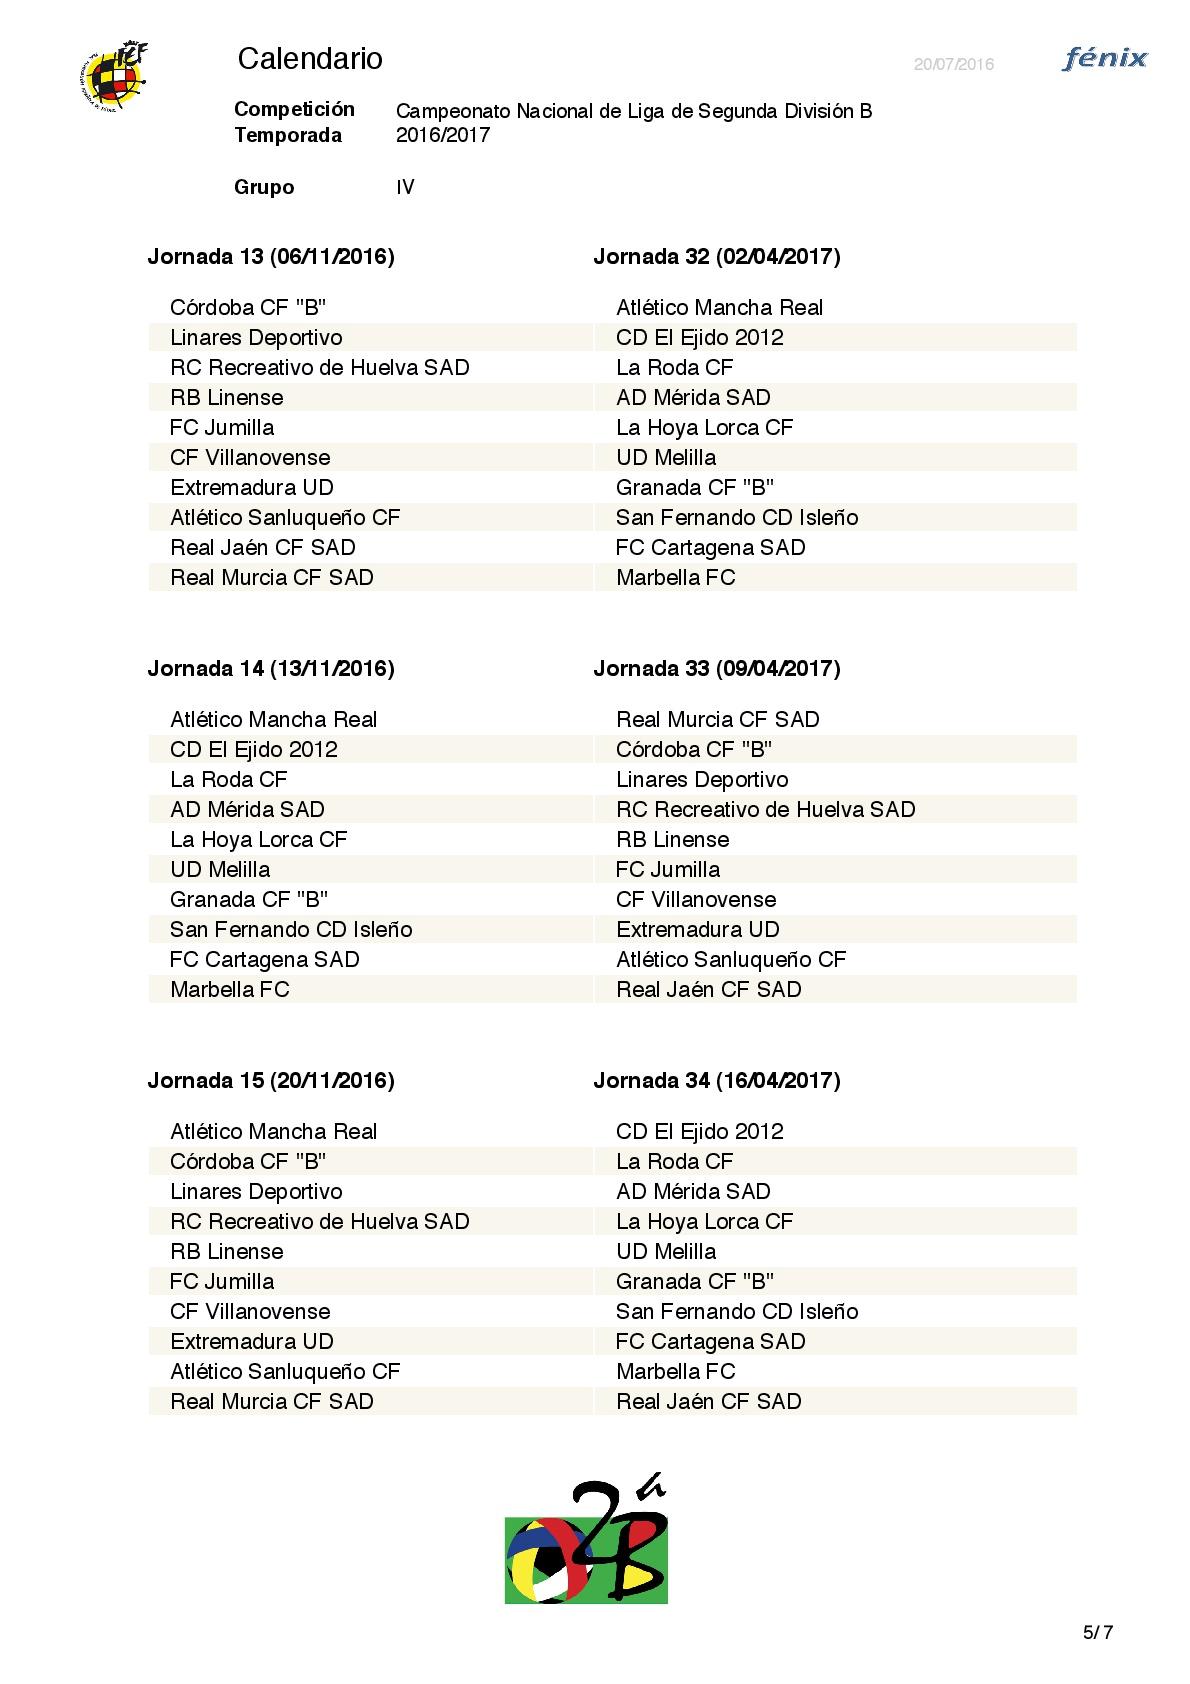 Calendario Segunda B.La Rfef Ha Dado A Conocer El Calendario De La Segunda Division B